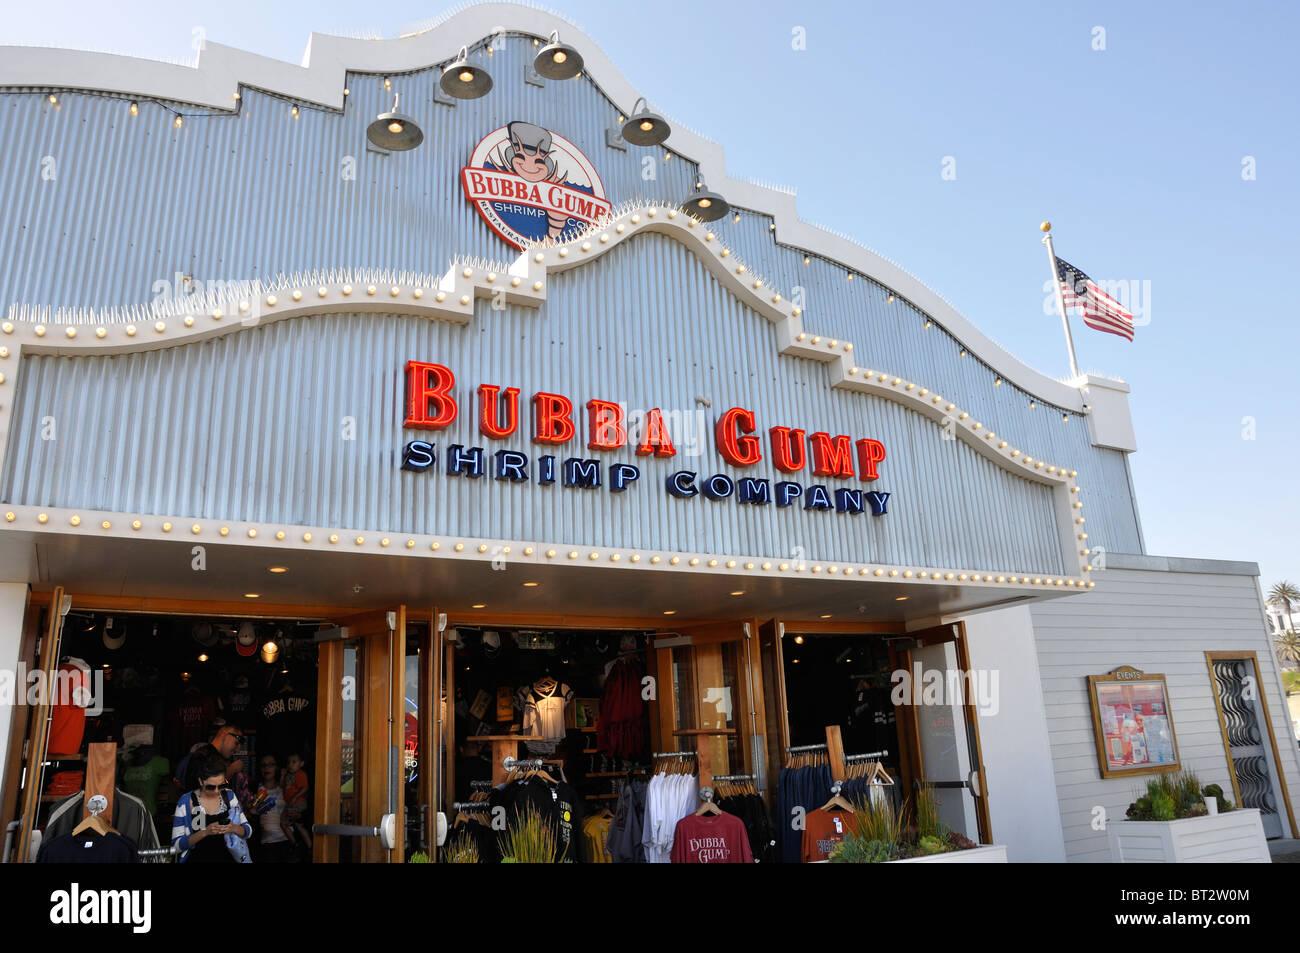 Bubba Gump Restaurant Santa Monica Pier California Usa Stock